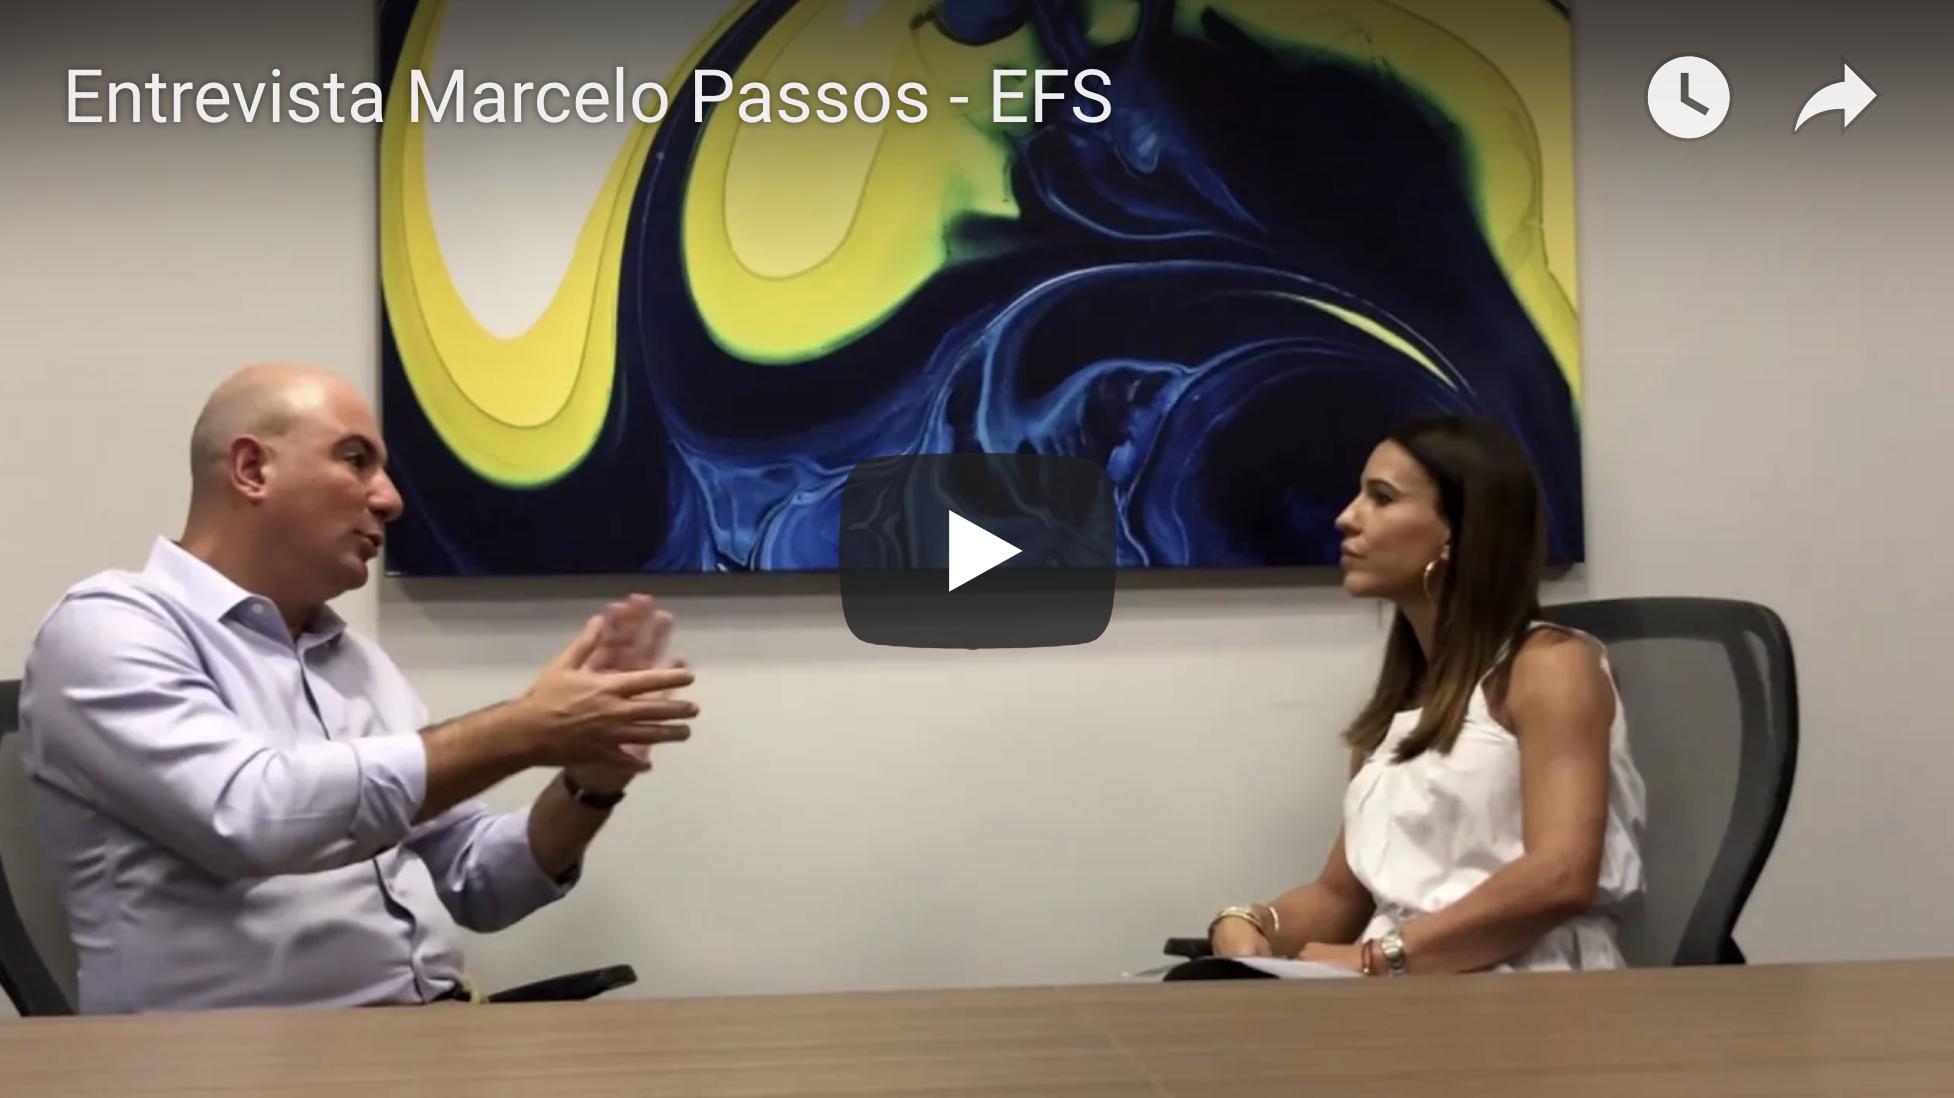 Entrevista com Marcelo Passos - EFS, uma empresa há mais de 18 anos no mercado de seguros. Tudo que você precisa saber sobre seguros de saúde e seguros de vida nos Estados Unidos - Miami.